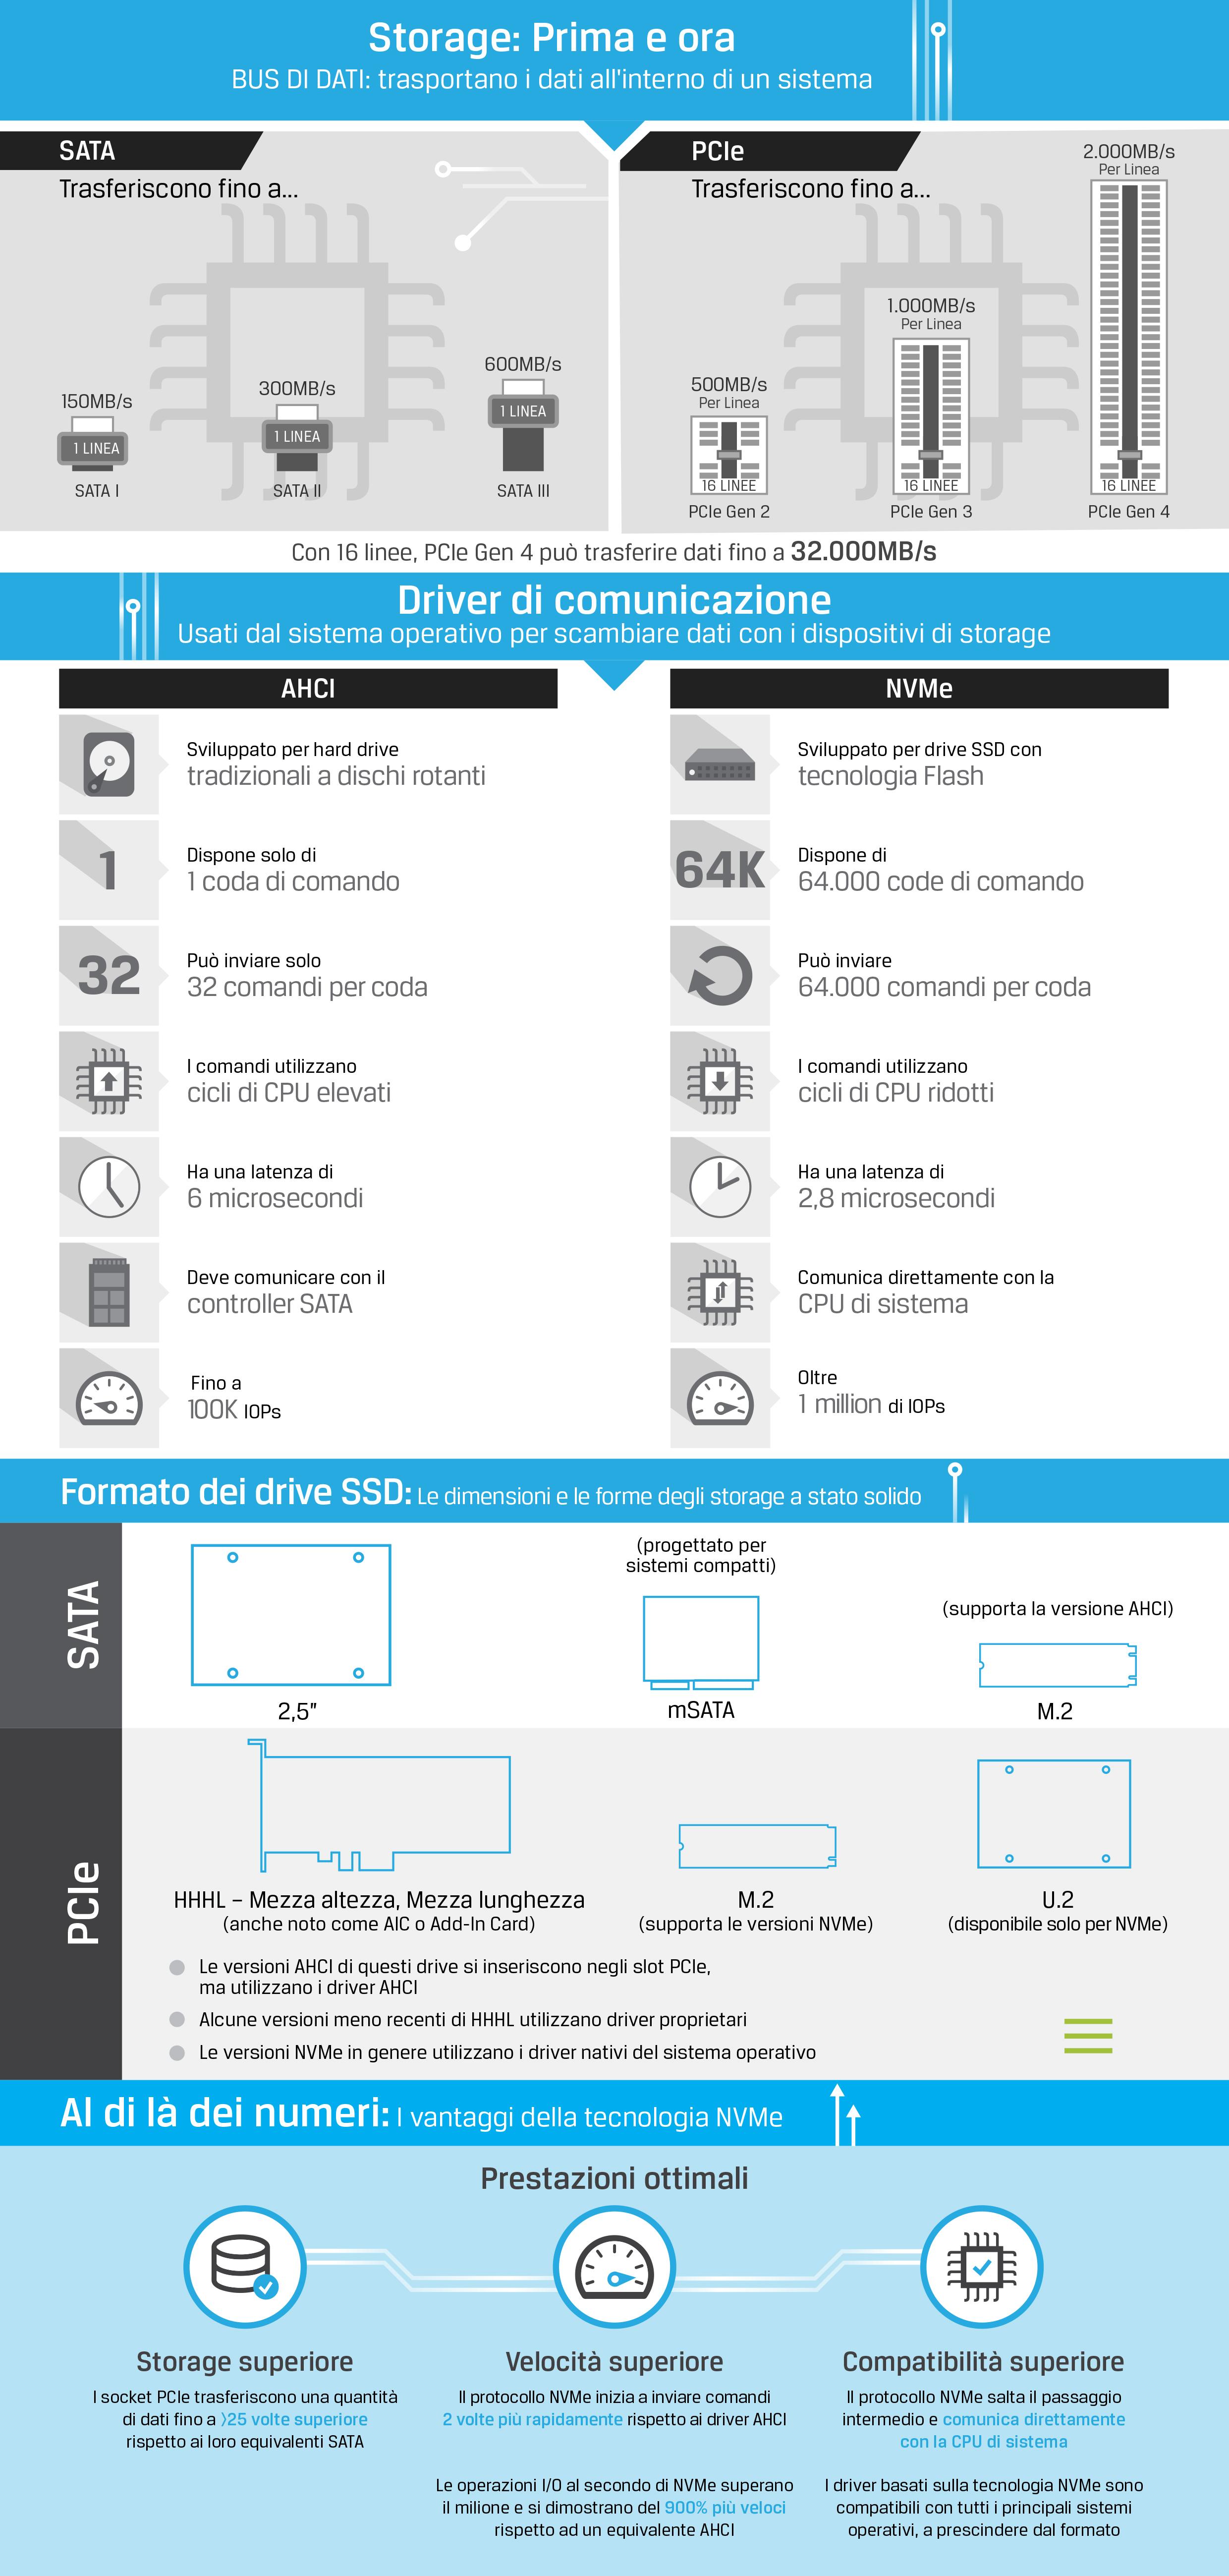 Infografica che descrive la tecnologia SSD di tipo NVMe, SATA, PCIe, AHCI, M.2 e U.2